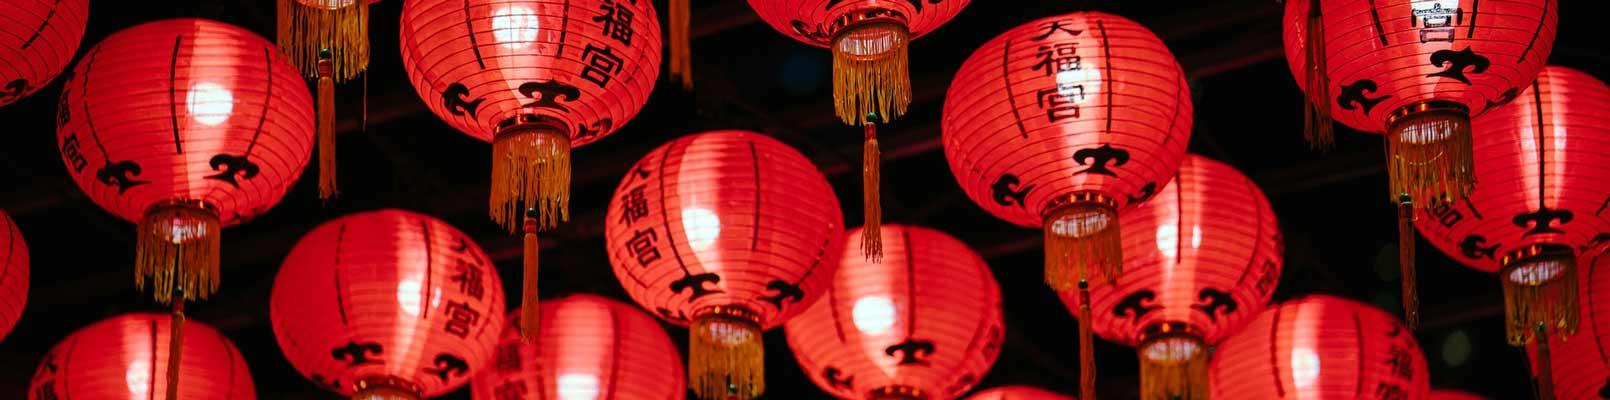 horoscop chinezesc 2021 general